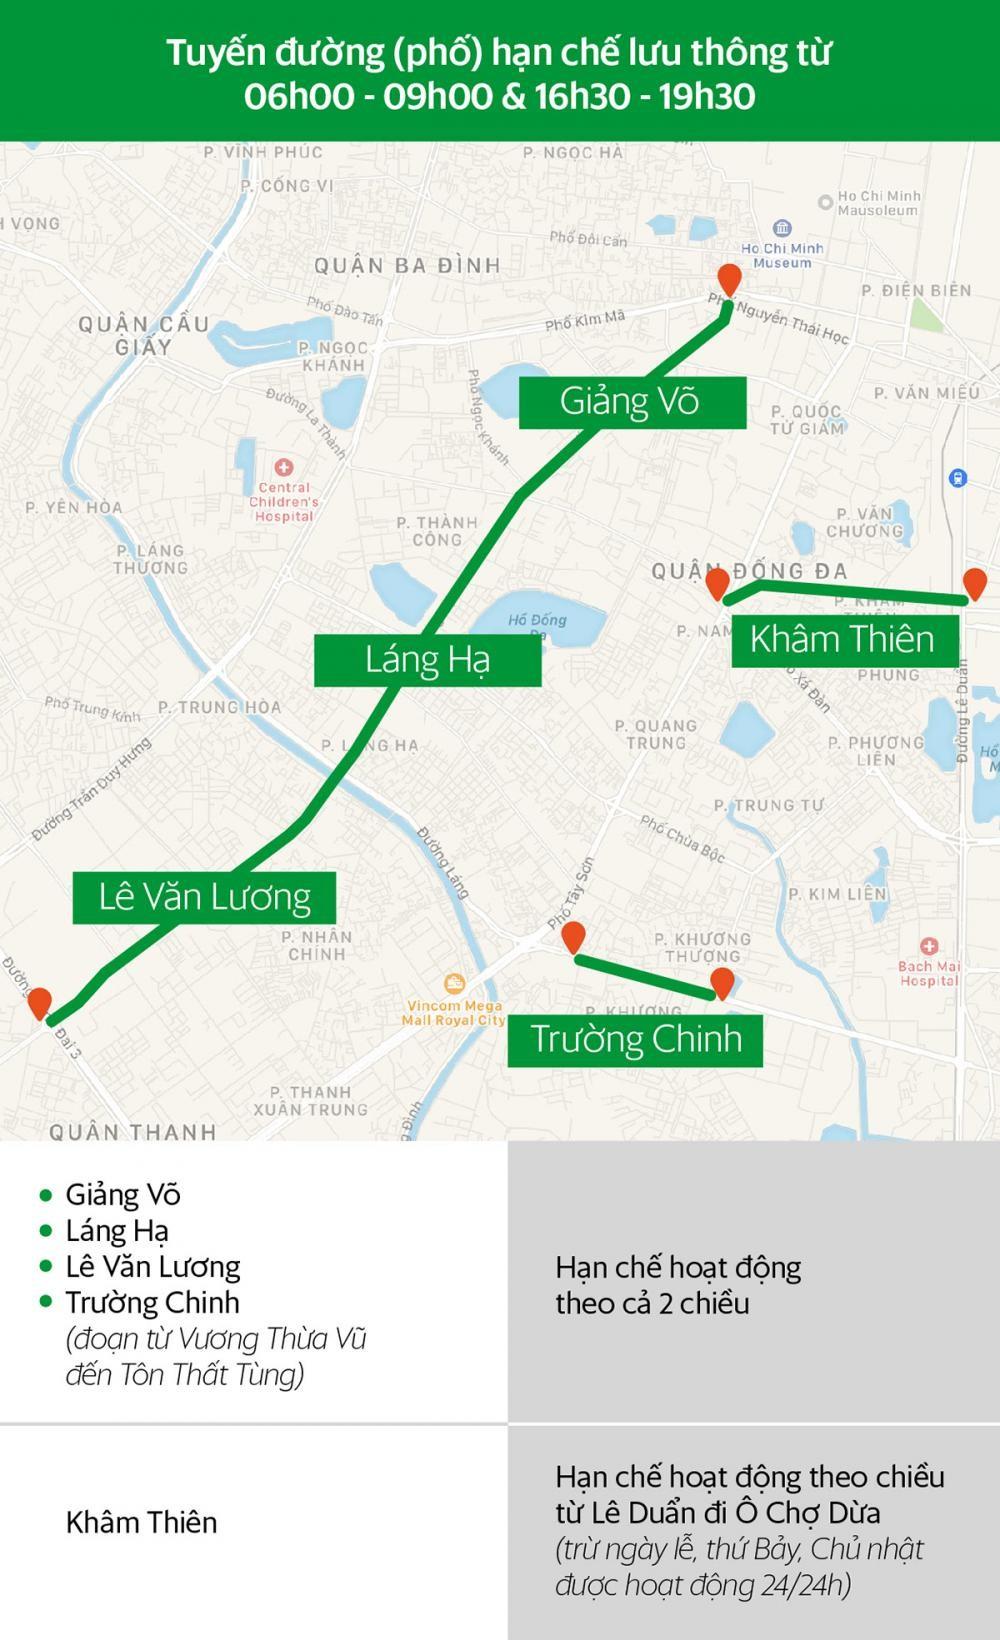 Các tuyến đường Hà Nội và khung giờ hạn chế xe hợp đồng dưới 9 chỗ lưu thông a2